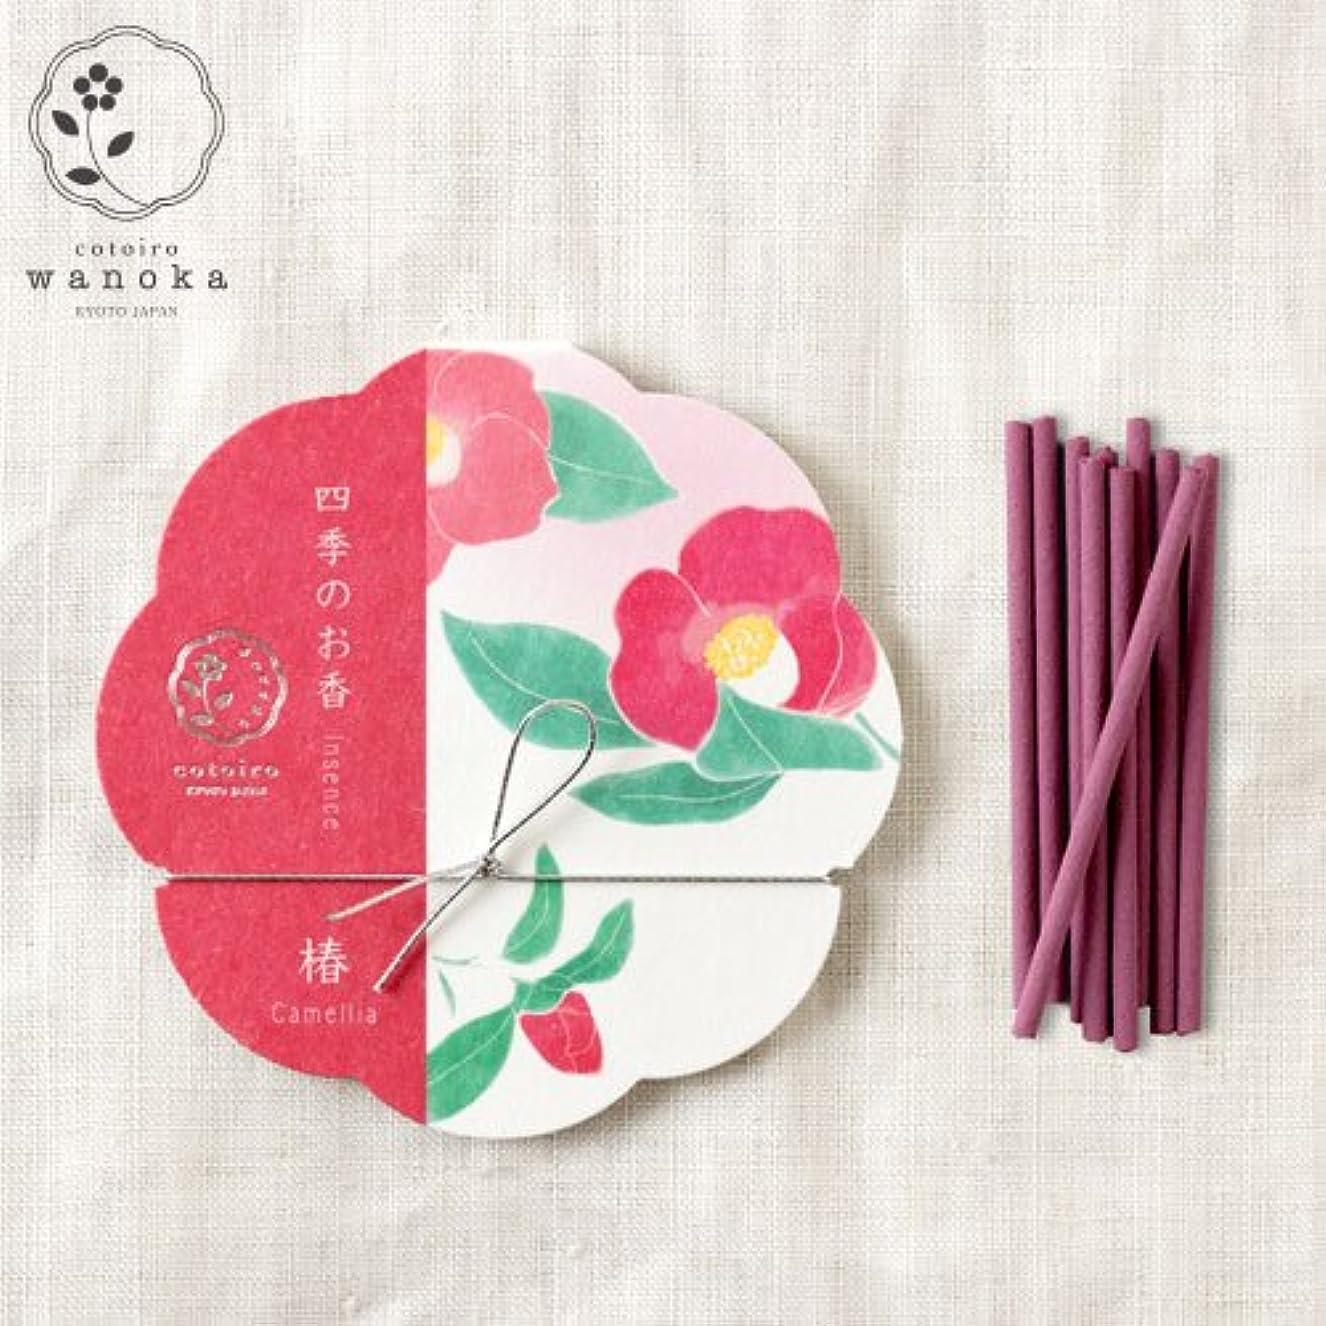 裕福な村場所wanoka四季のお香(インセンス)椿《椿をイメージしたおしとやかで深みのある香り》ART LABIncense stick